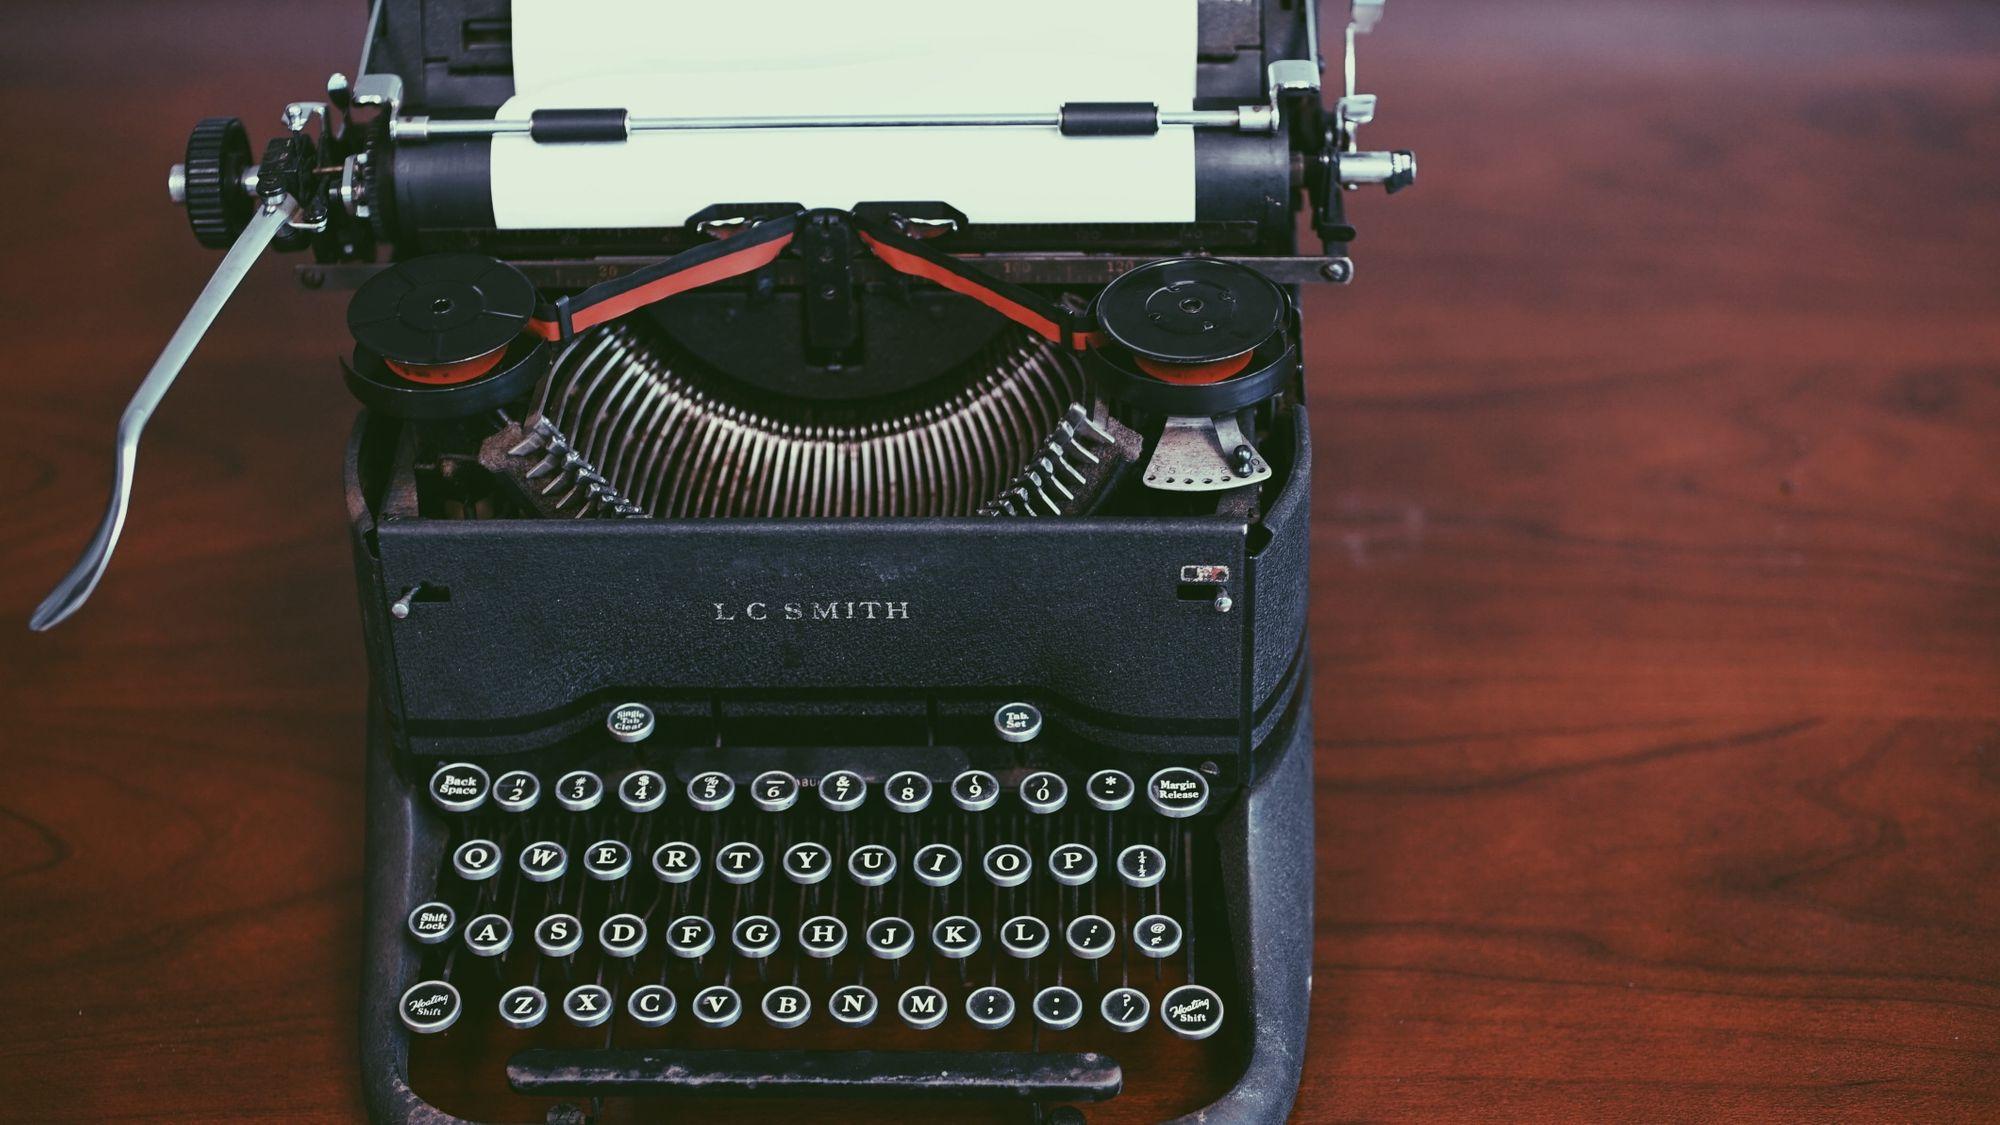 Une ancienne machine à écrire LC Smith, chargée avec une page vierge.